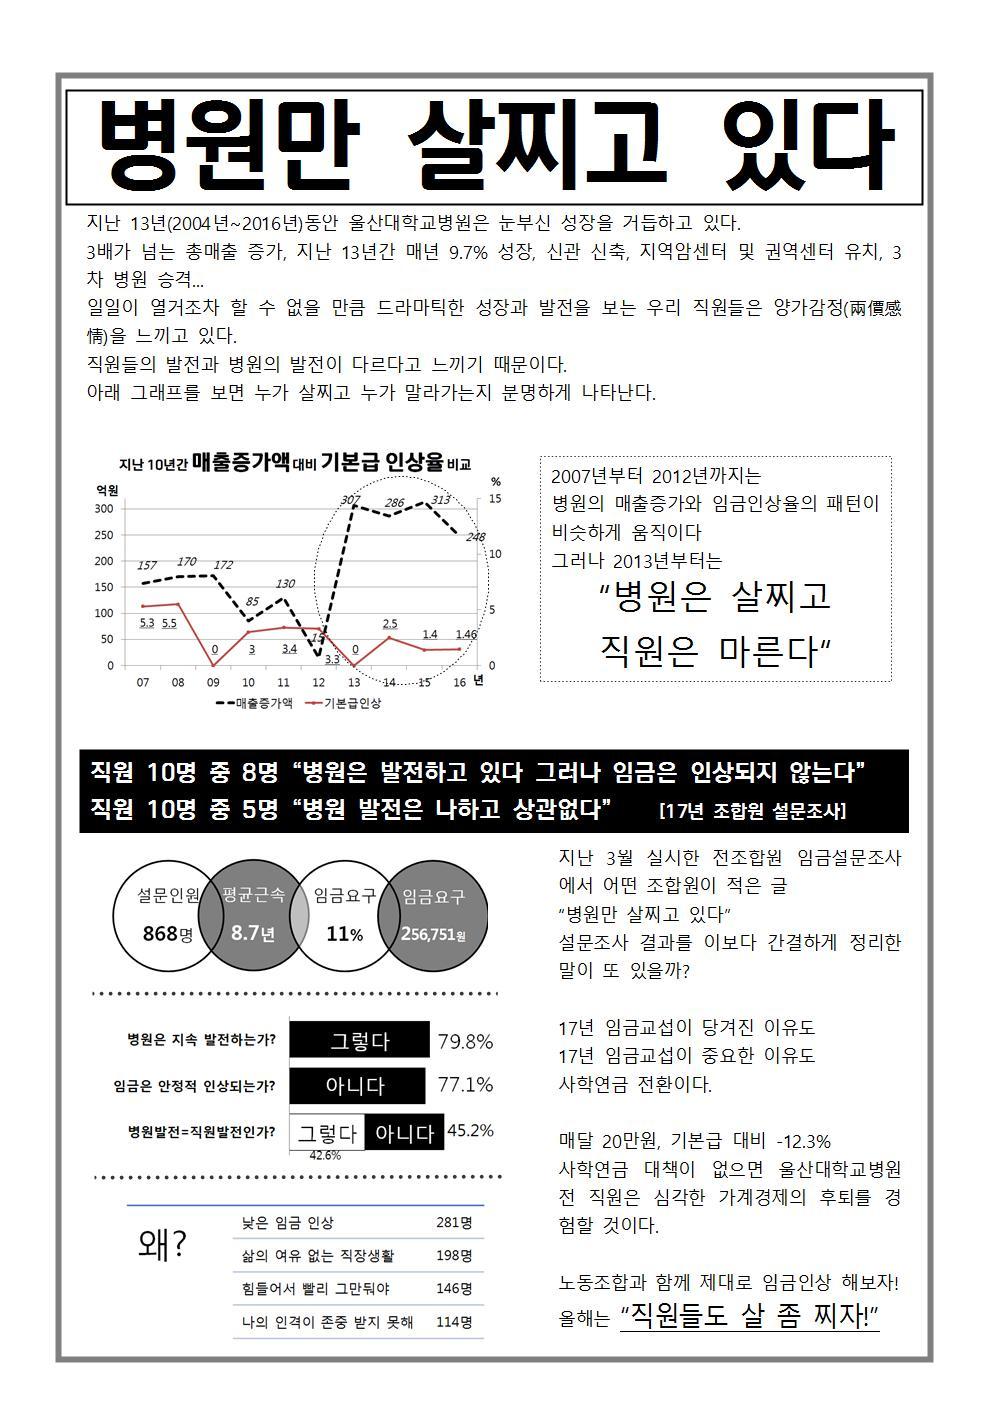 울산대병원분회 투쟁속보 8호(뒤)001.jpg